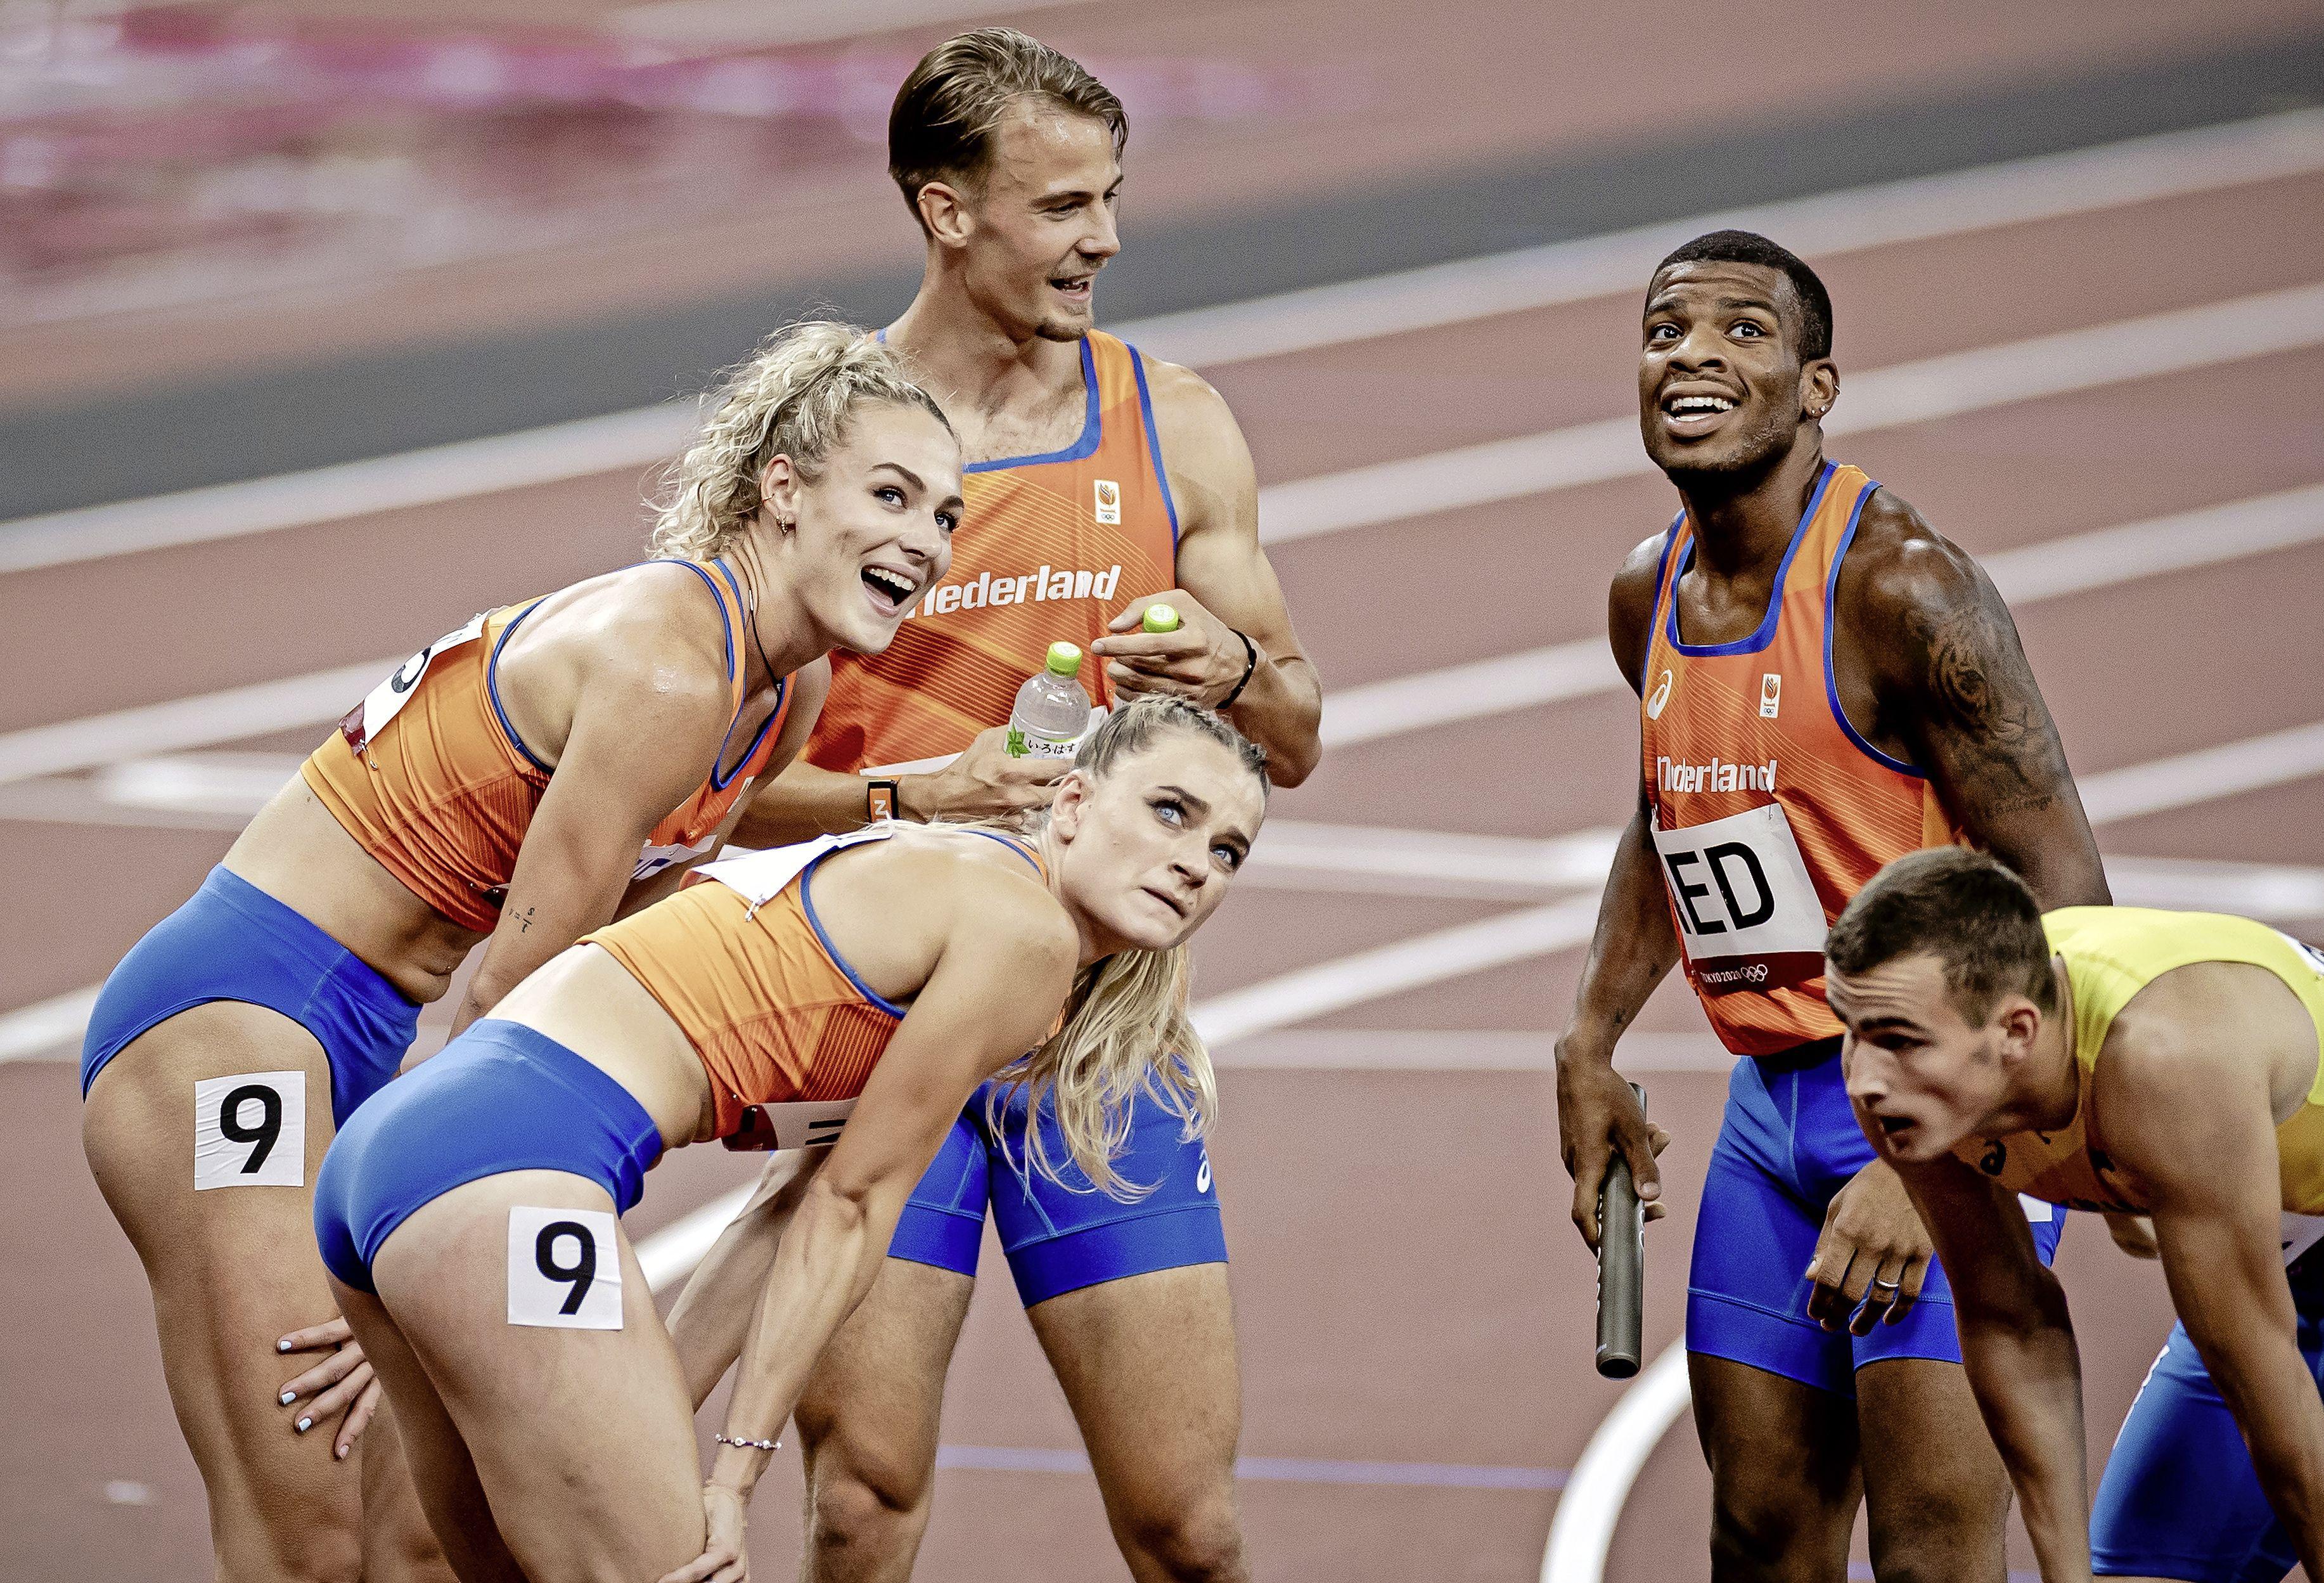 Dobber, Klaver en De Witte met estafetteploeg 4x400 meter gemengd naar olympische finale